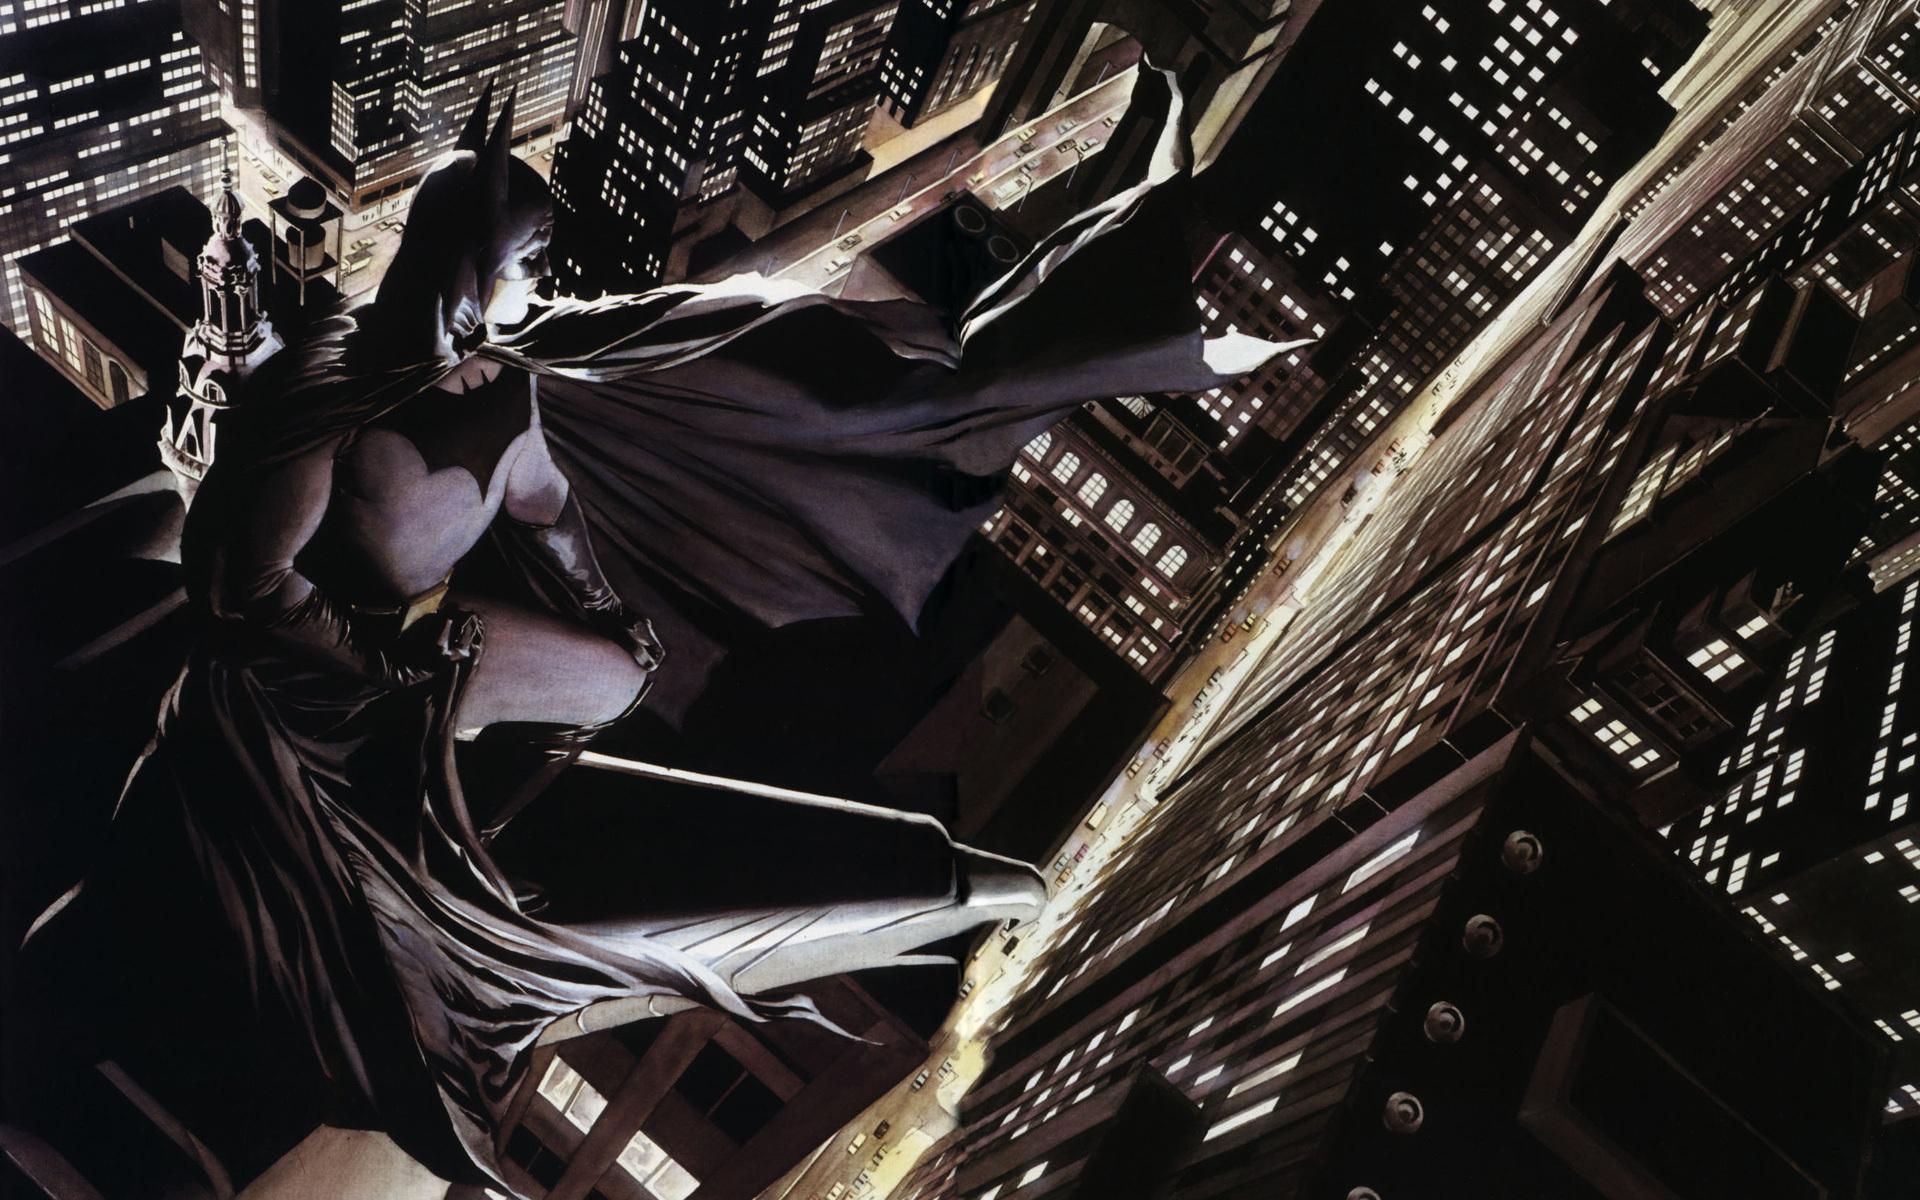 batman original comics wallpaper 1920x1200 1920x1200